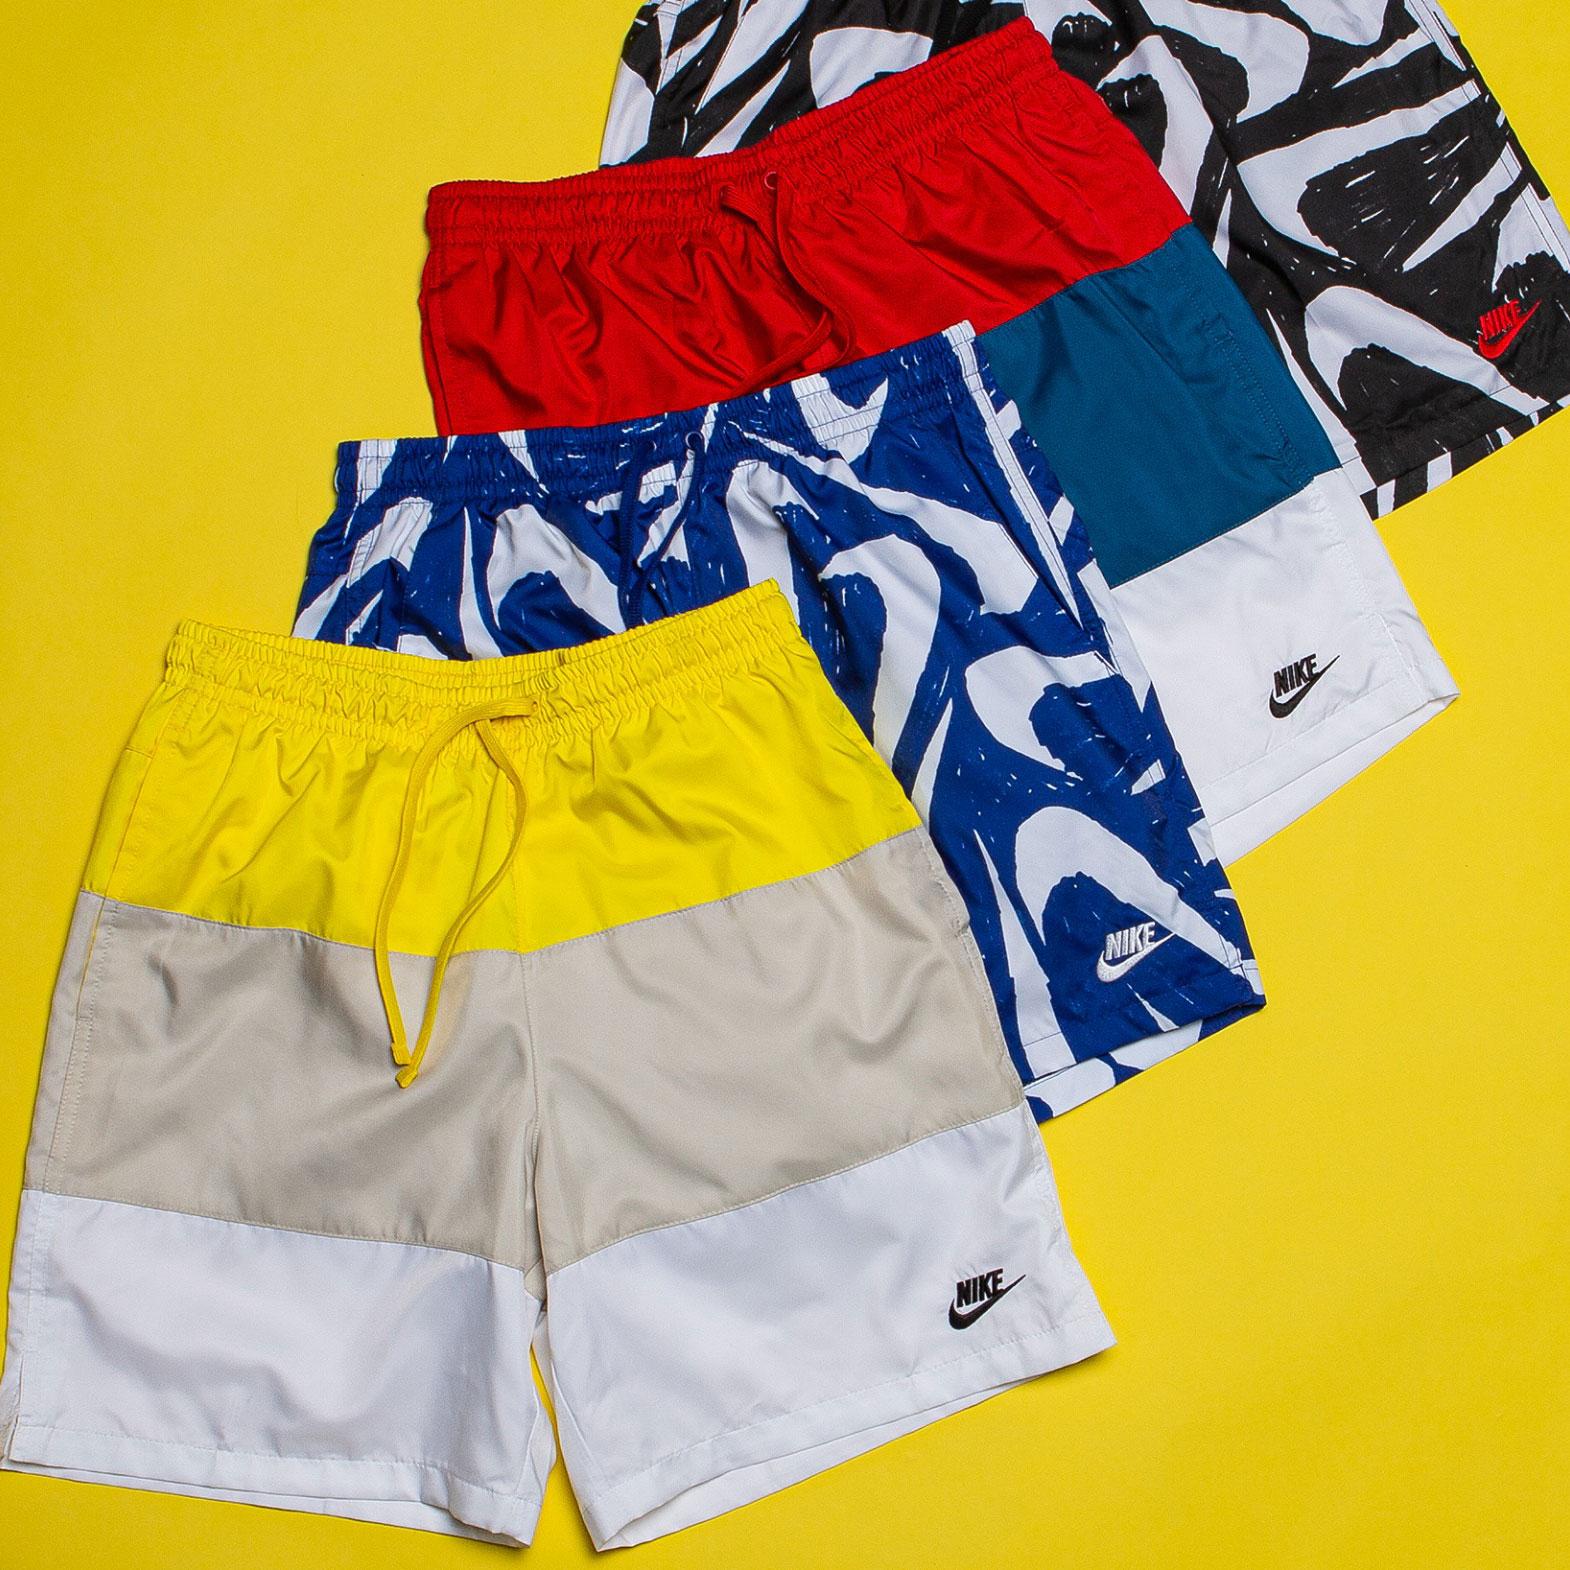 nike-sportswear-woven-shorts-2020-summer-1